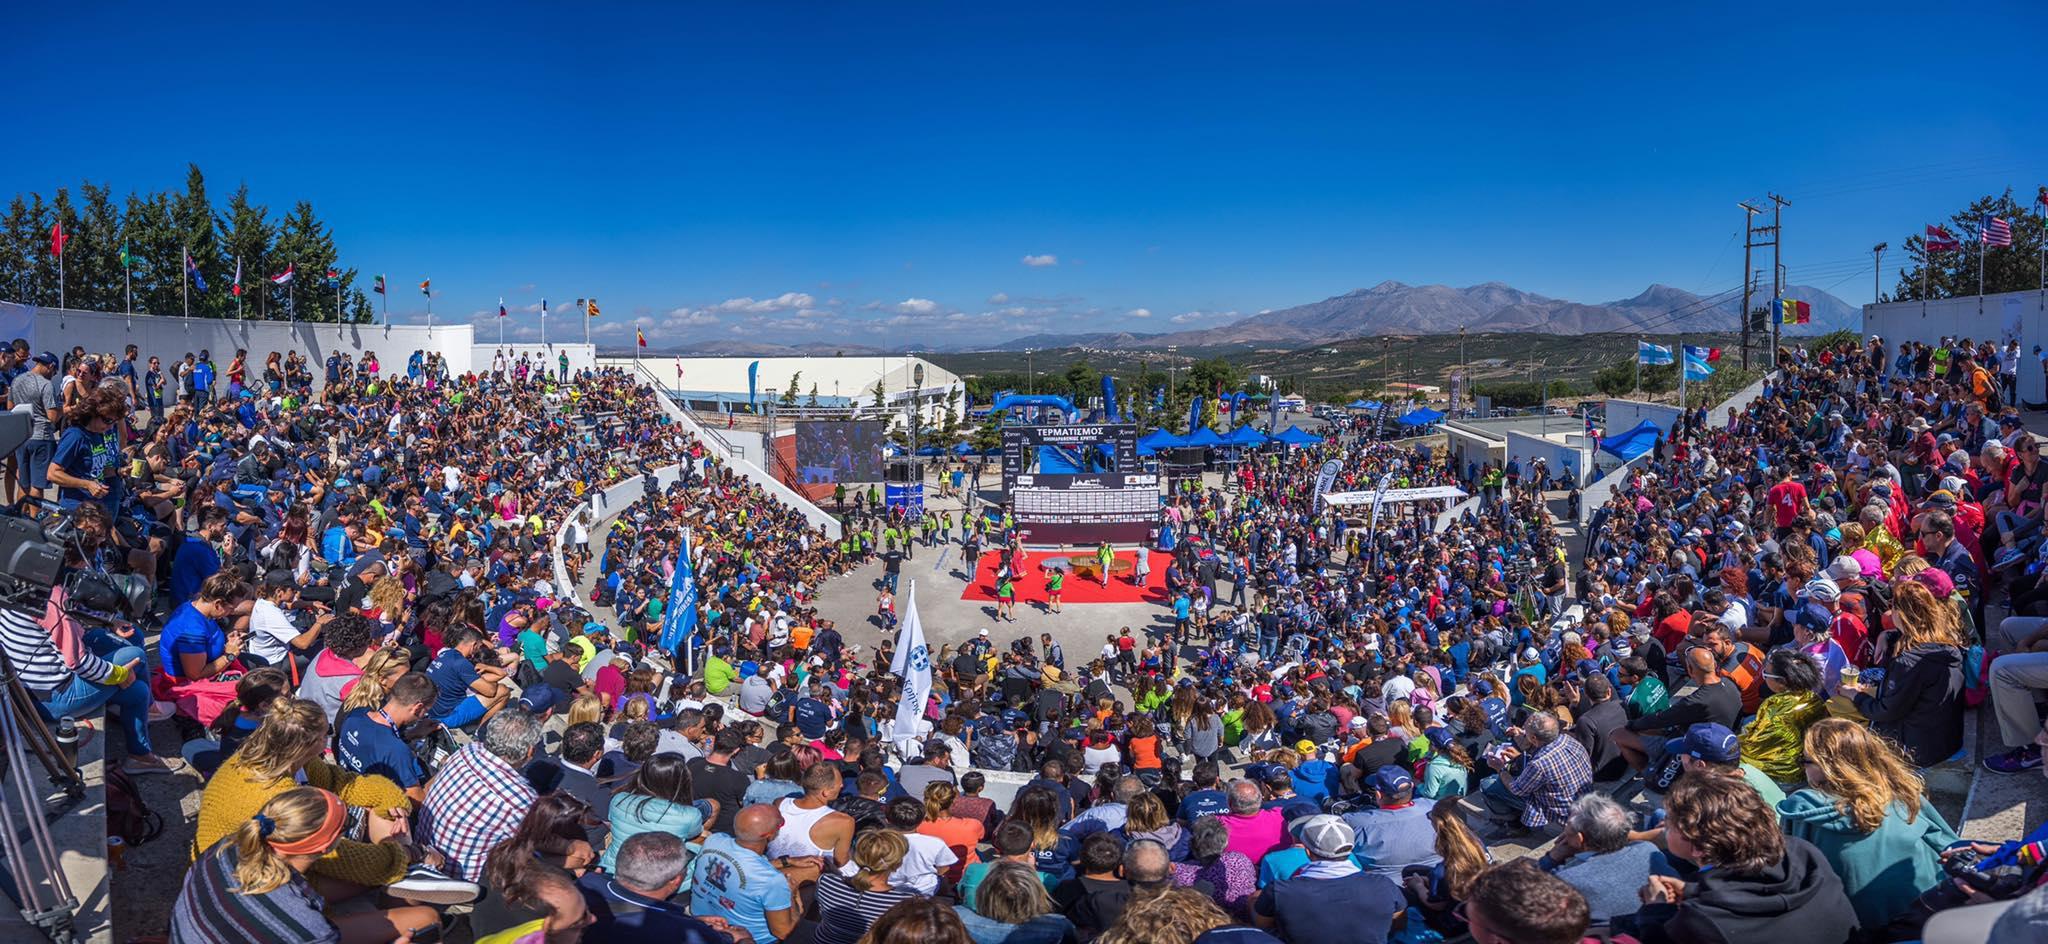 Ημιμαραθώνιος Κρήτης: Η μεγάλη γιορτή του αθλητισμού και του πολιτισμού επιστρέφει την Κυριακή